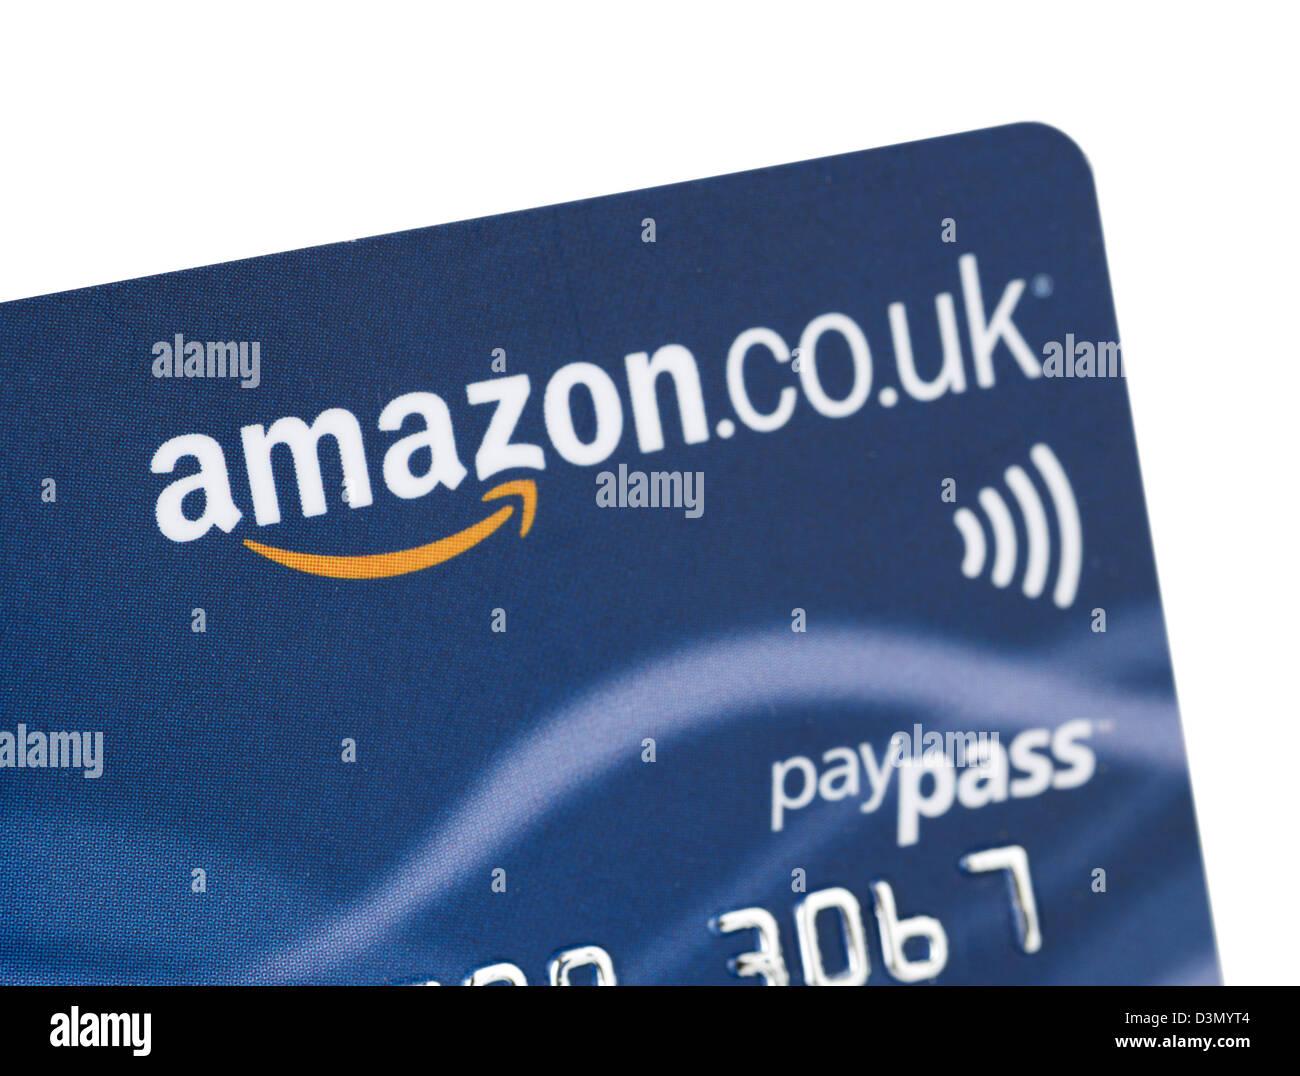 Amazon.co.uk marca de tarjetas de crédito emitidas en el REINO UNIDO Imagen De Stock